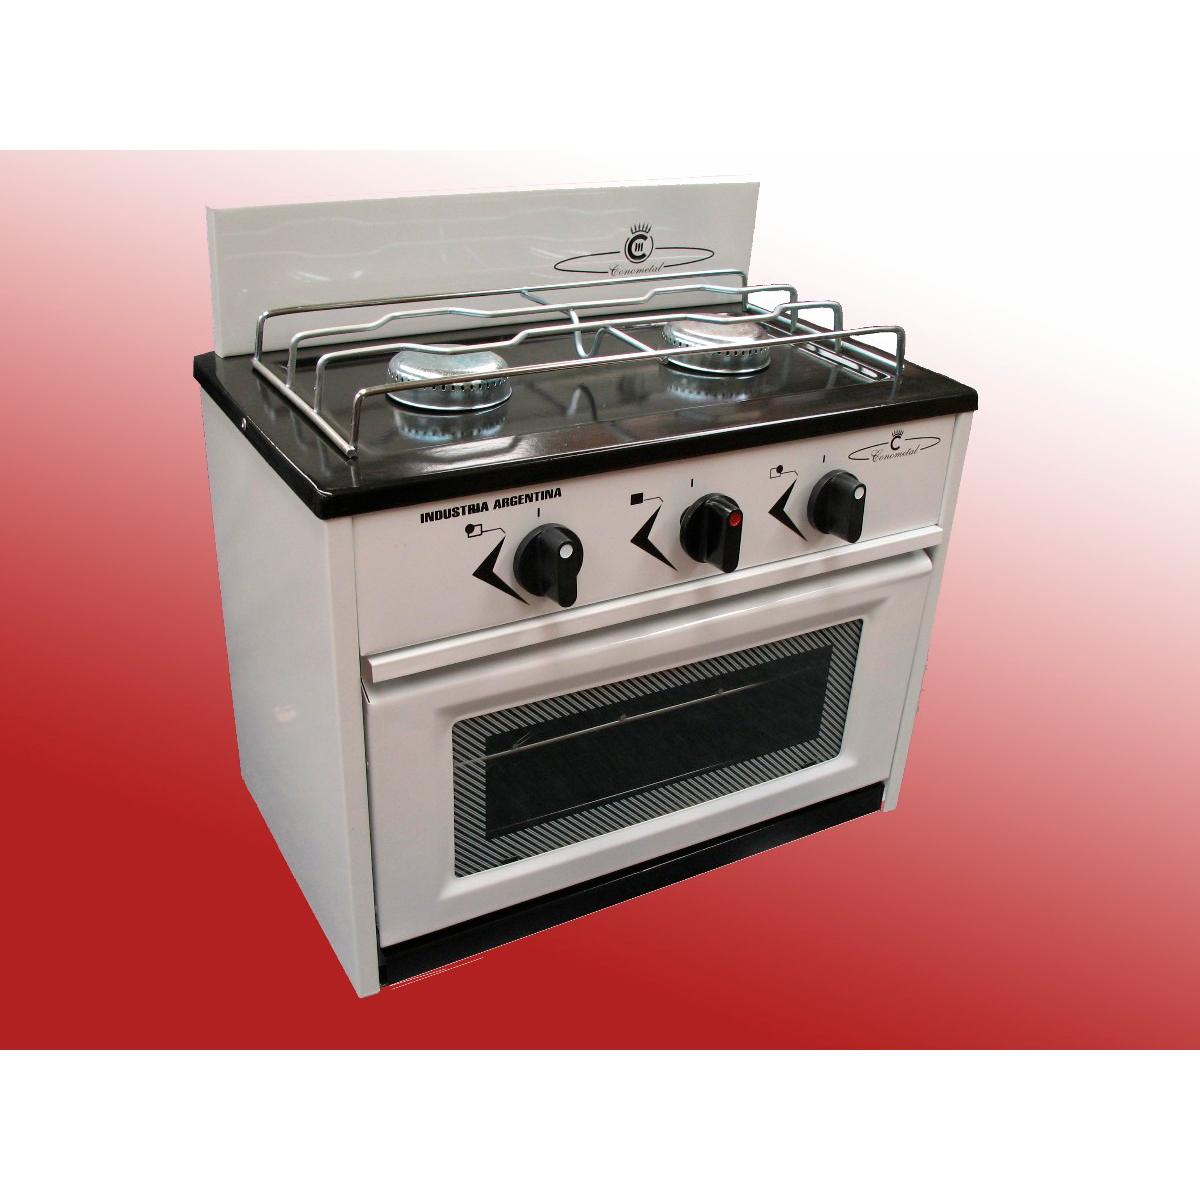 Mini cocina 2 hornallas con horno frente vidrio para gn o for Cocinas con horno de gas butano baratas